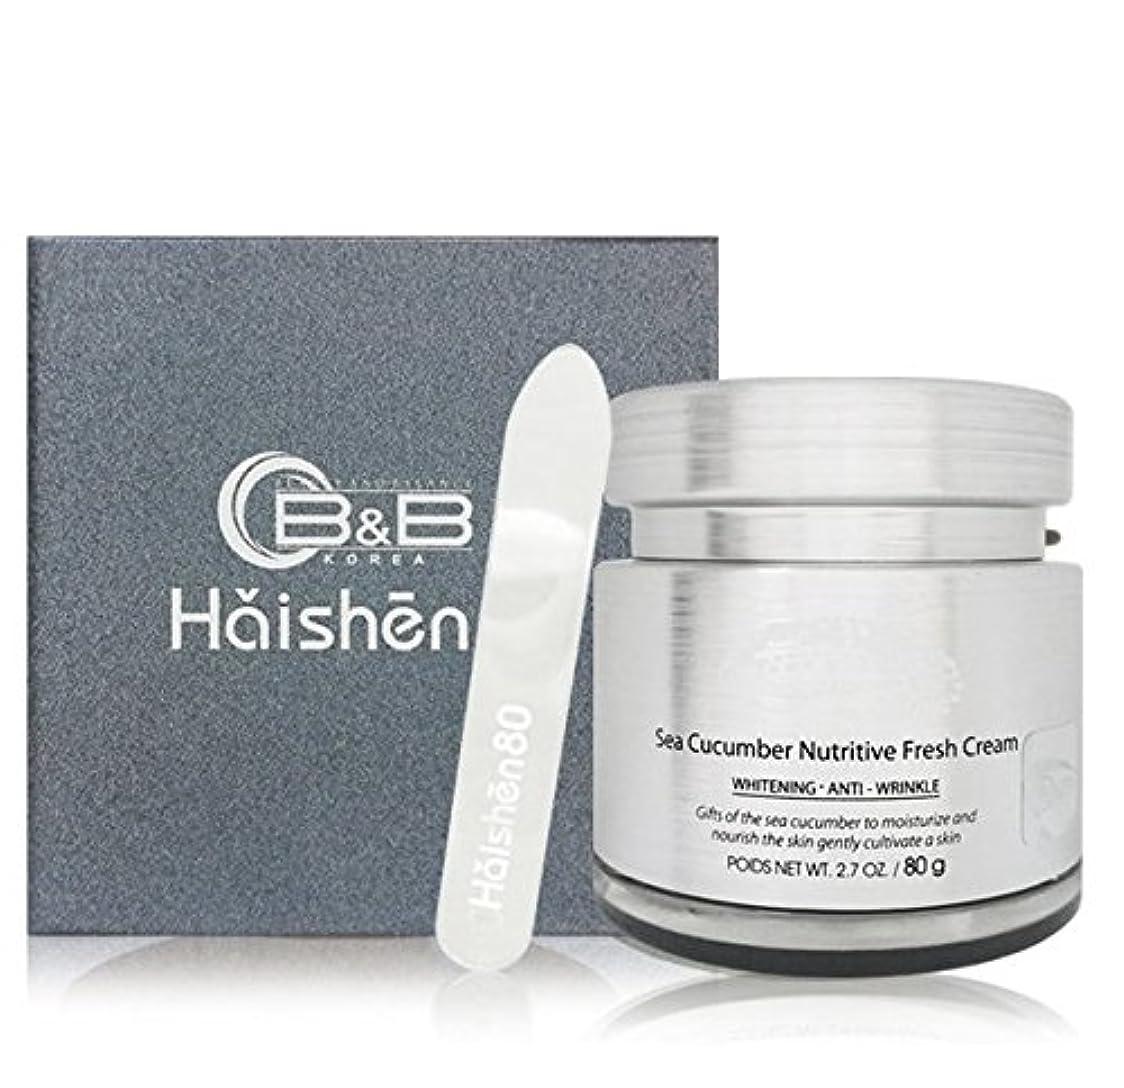 ターミナル立場歯科医[訳有り?OUTLET]Haishen80 Sea cucumber Nutritious Fresh Cream 80g ハイサン 80 シーキューカンバーニュトゥリチブフレッシュクリーム 80g